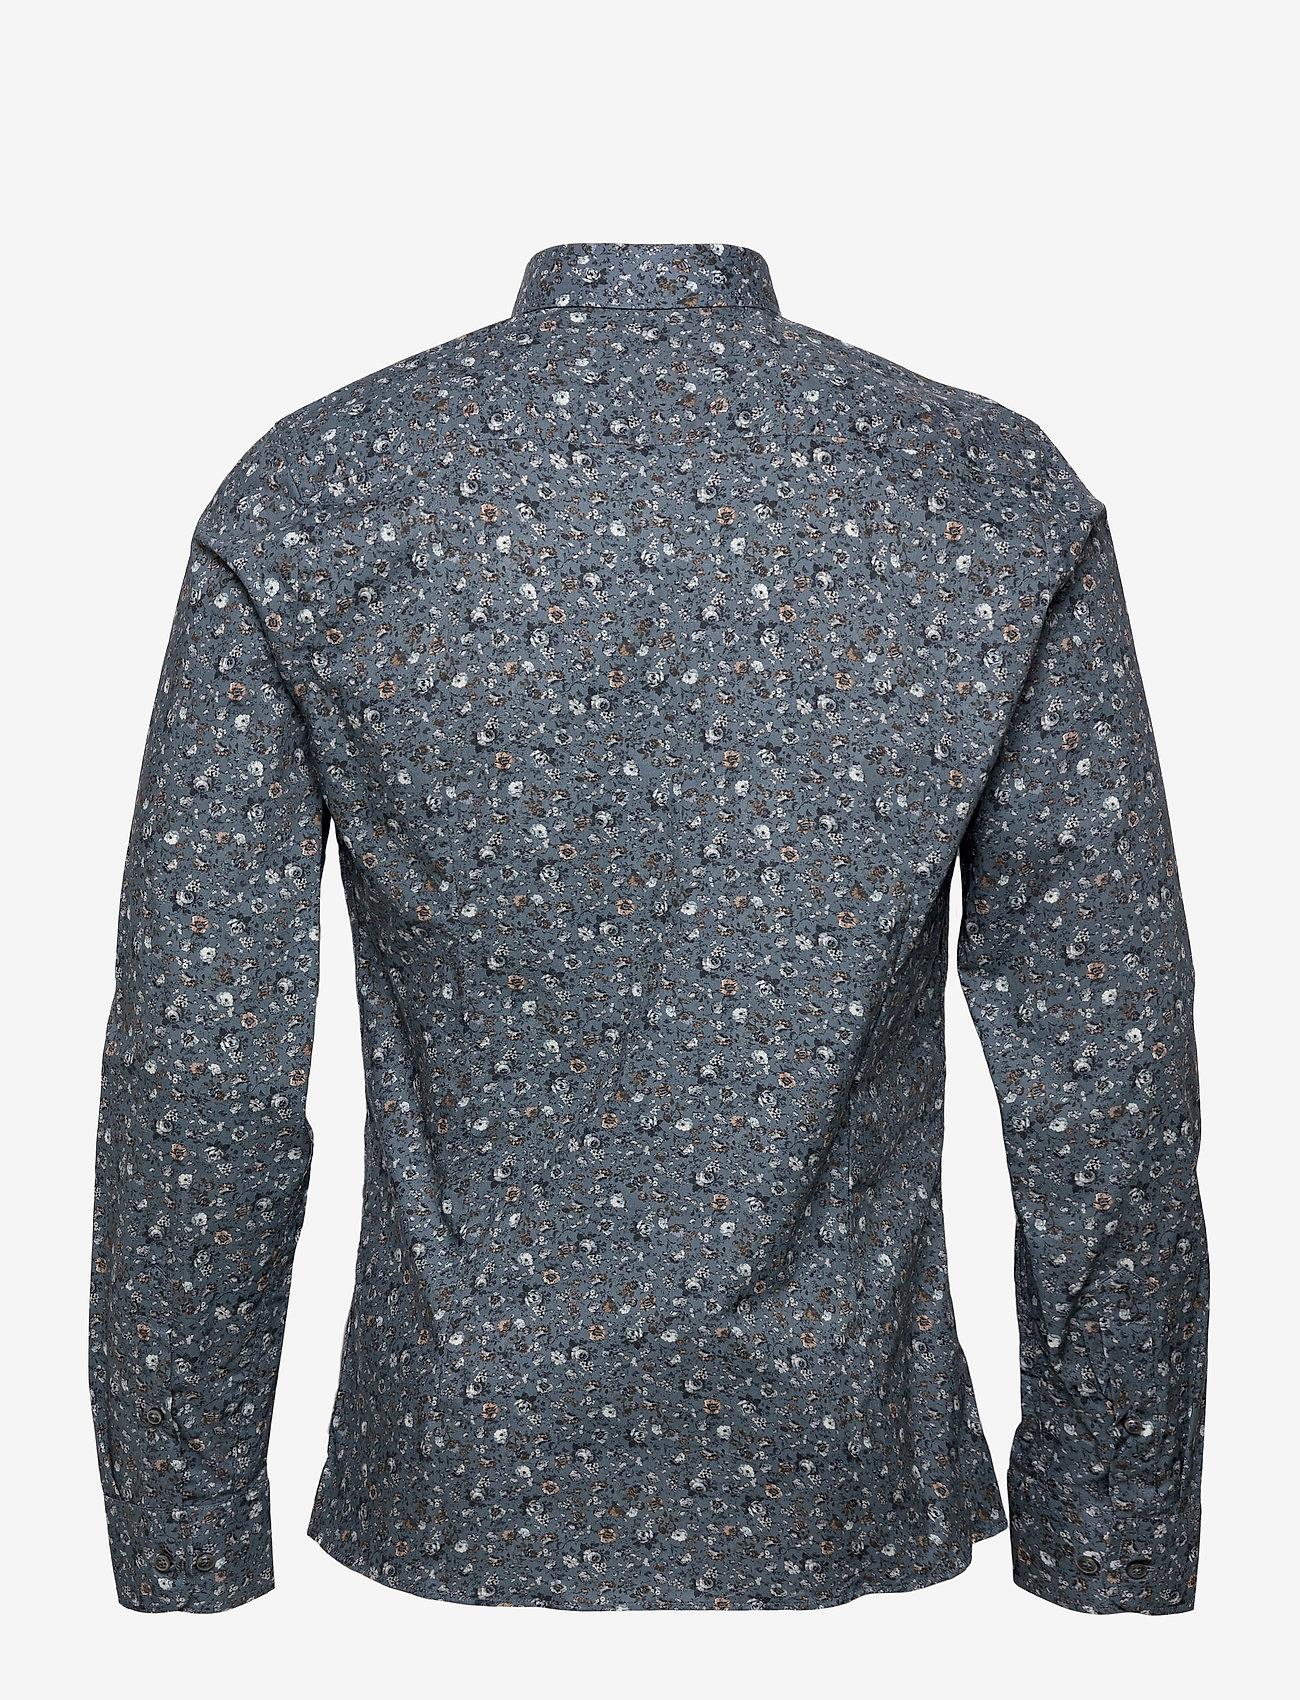 SAND - 8619 - Iver 2 - business skjortor - blue - 1